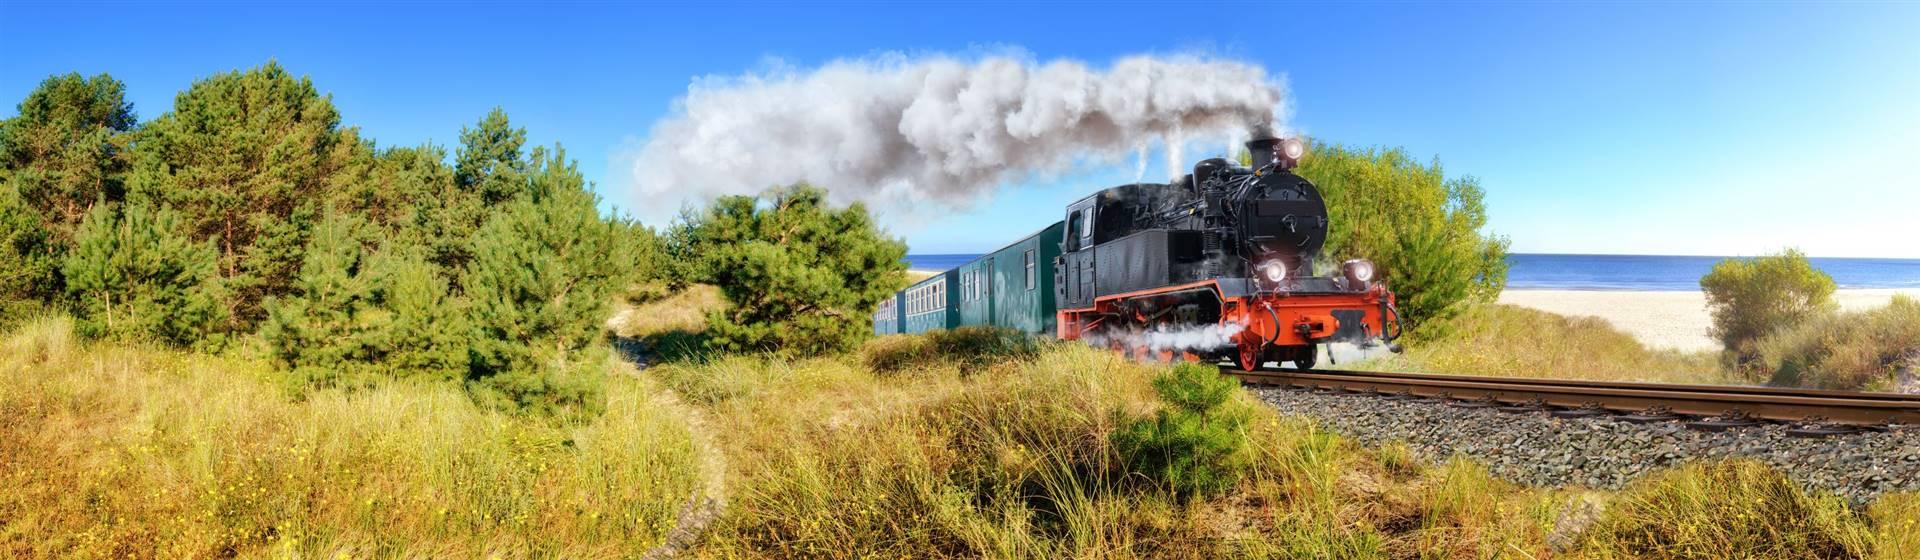 """<img src=""""rugensteampan-shutterstock.jpeg"""" alt=""""Rugen Steam Train""""/>"""